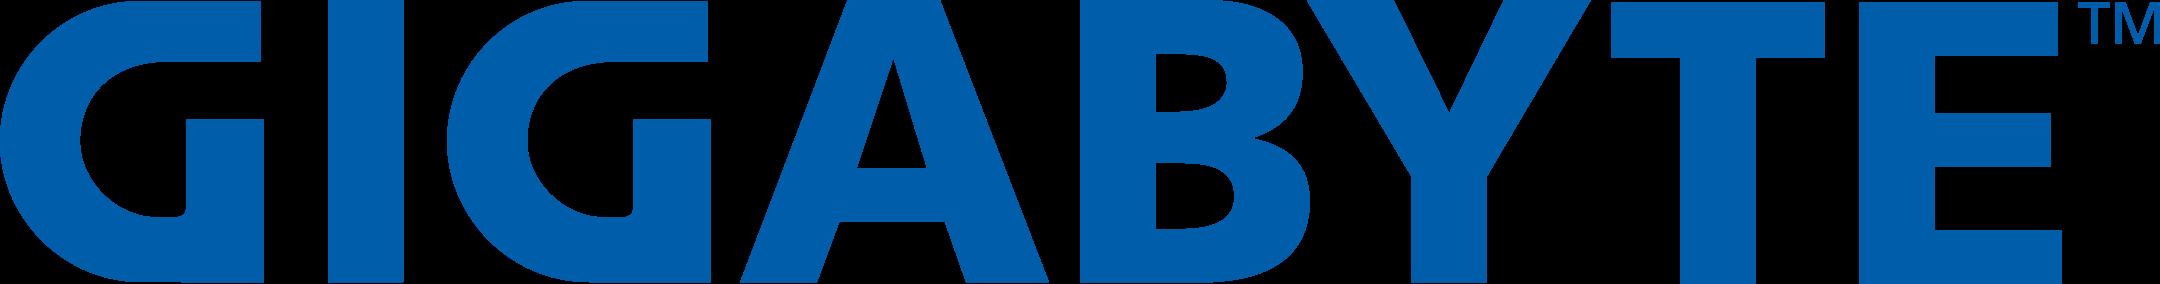 gigabyte logo 1 - GIGABYTE Logo